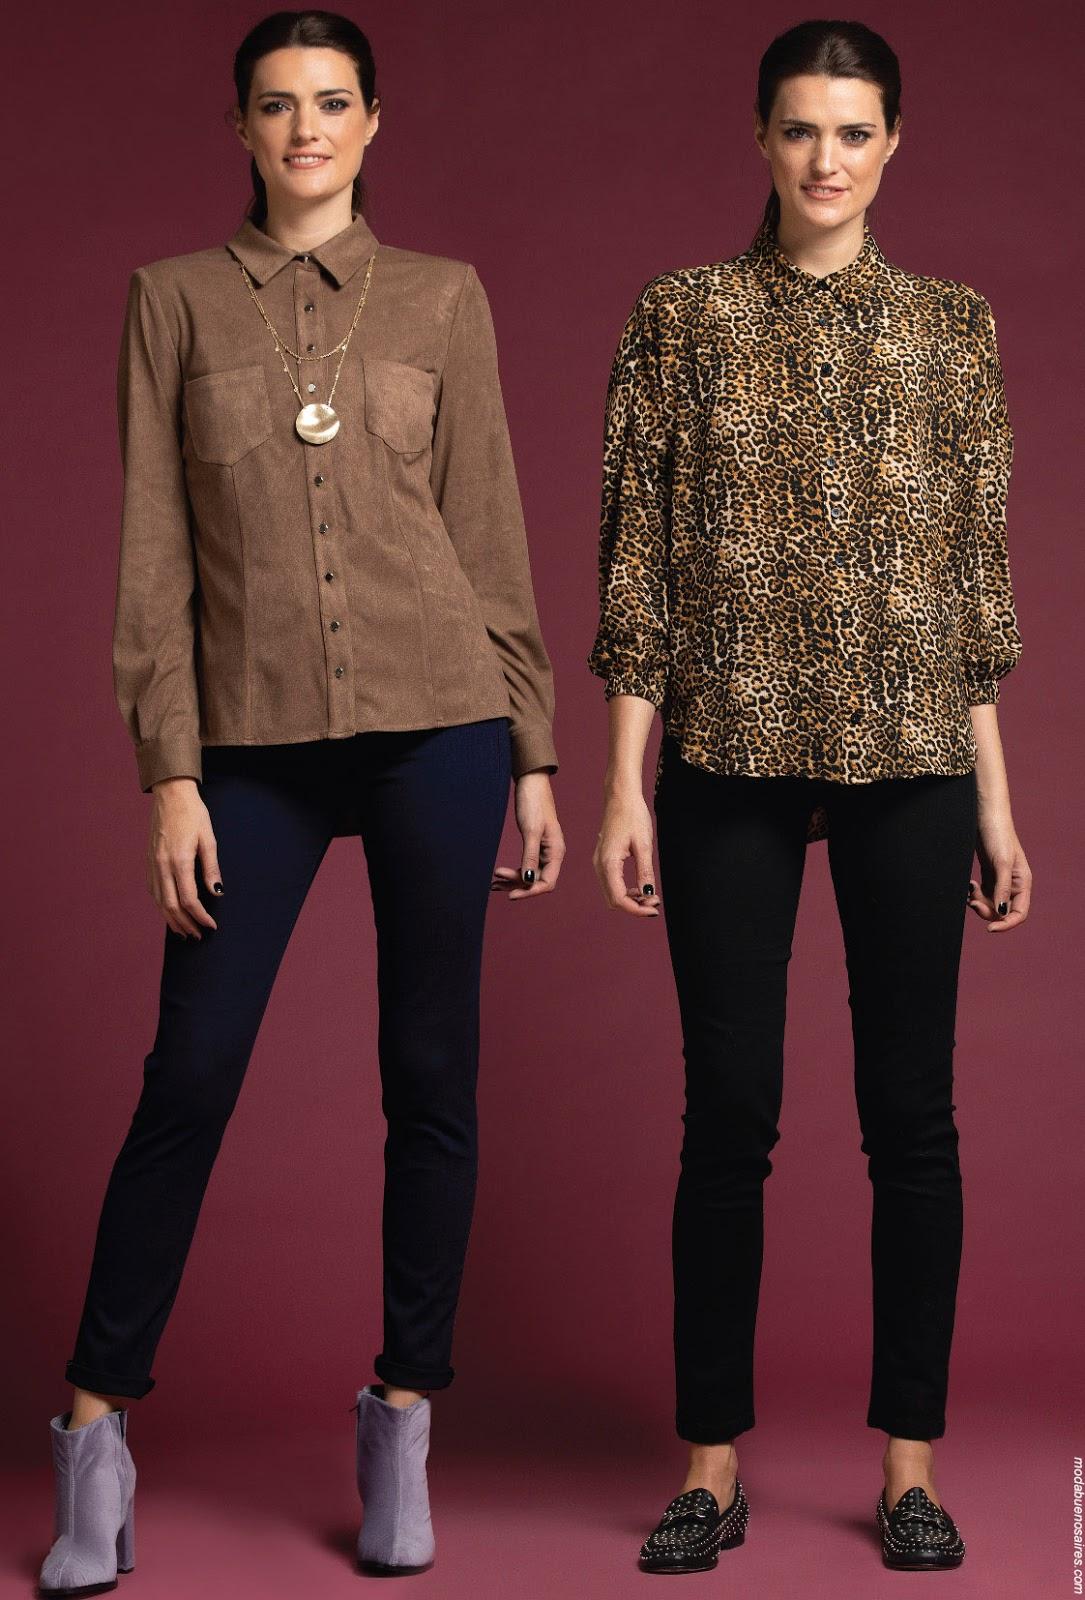 Moda invierno 2019 ropa de mujer. Camisas de invierno mujer 2019. Blusa y camisas animal print.